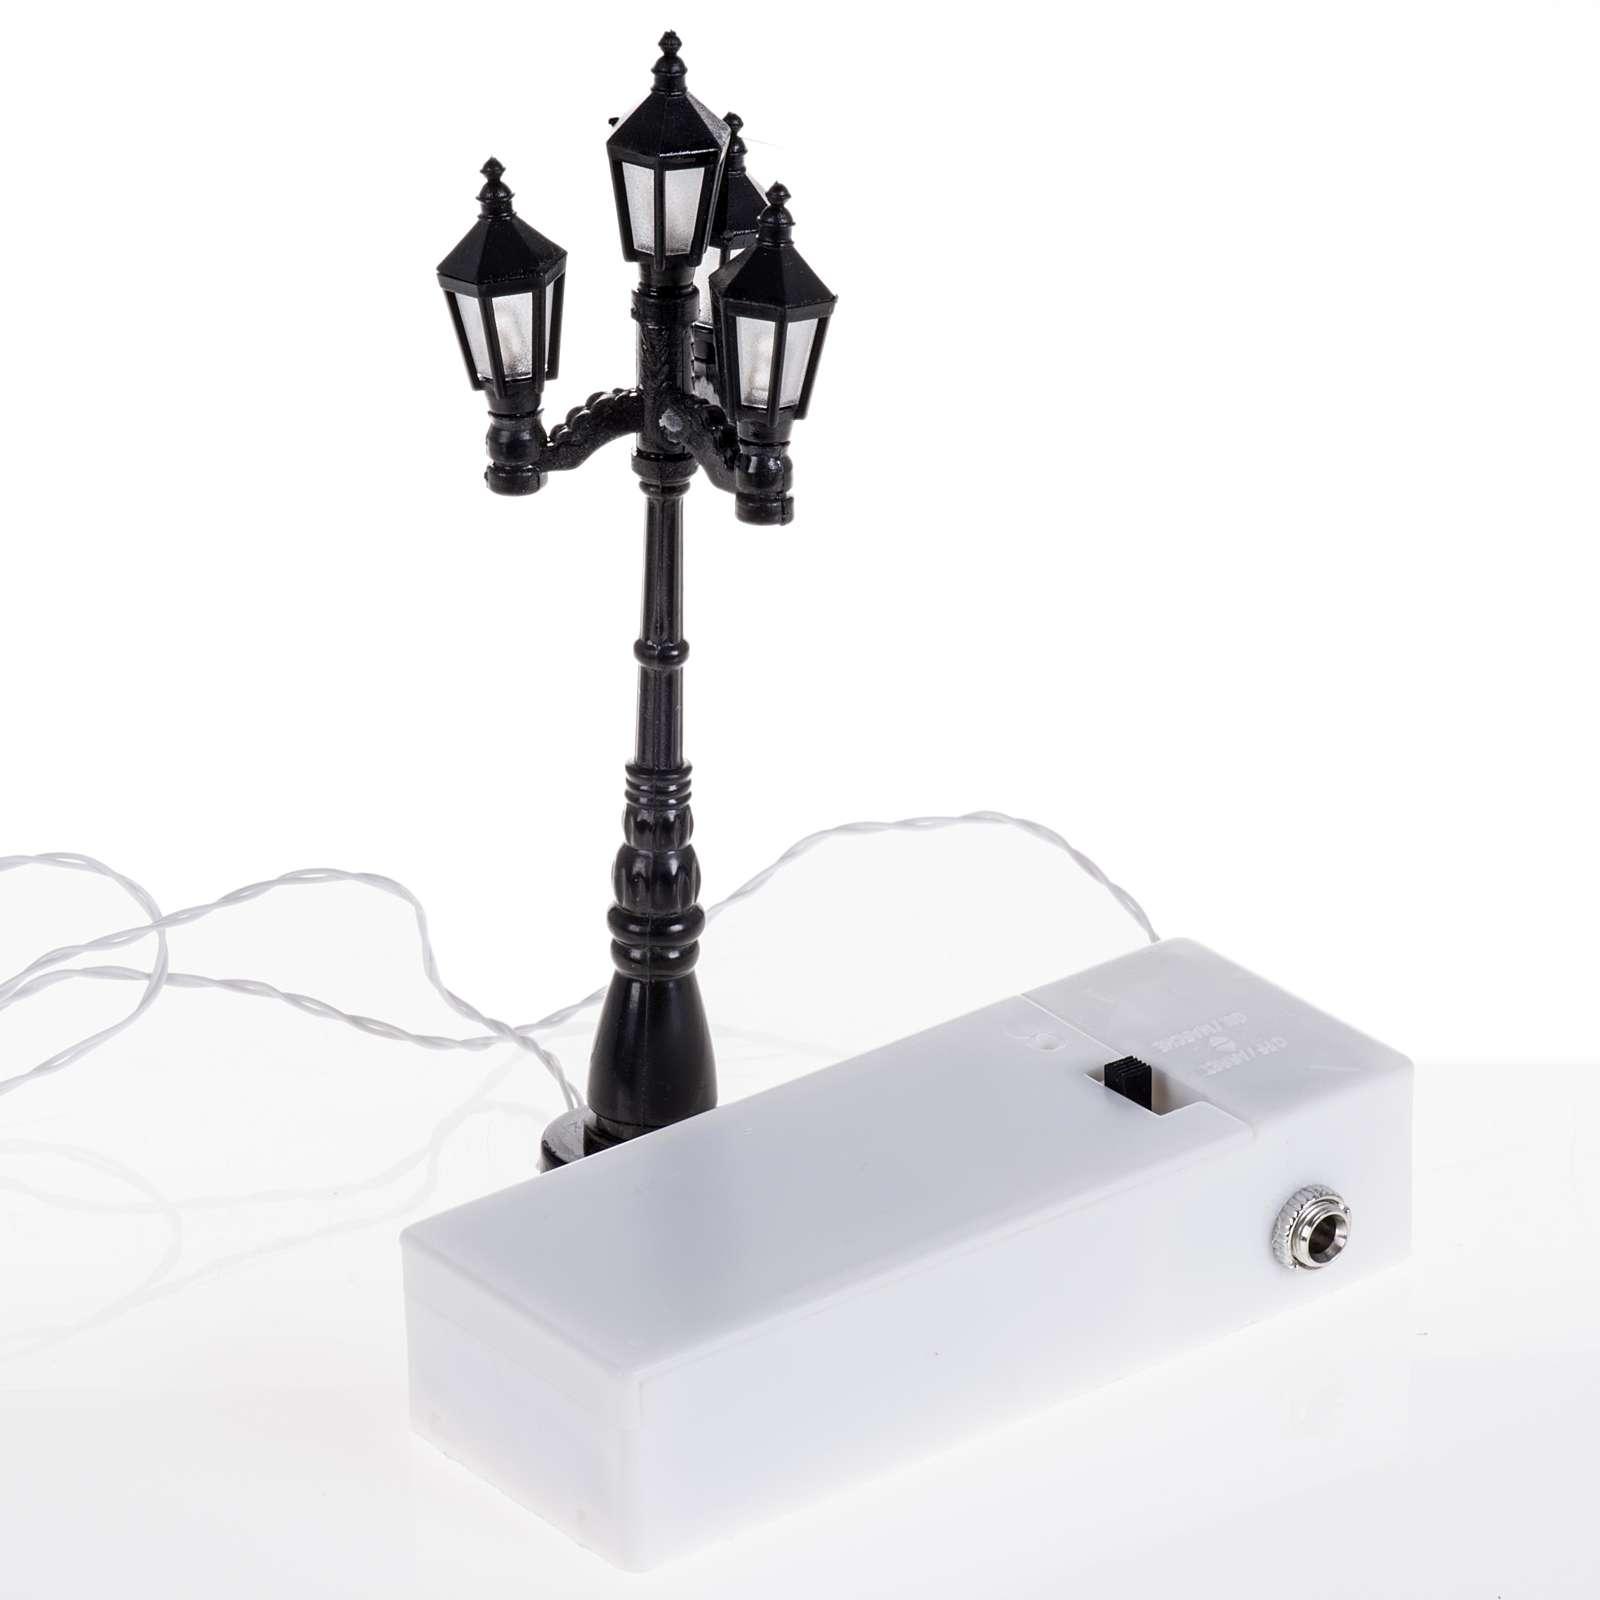 Batterie-Laterne mit 4 Lichtern h 11 cm 4